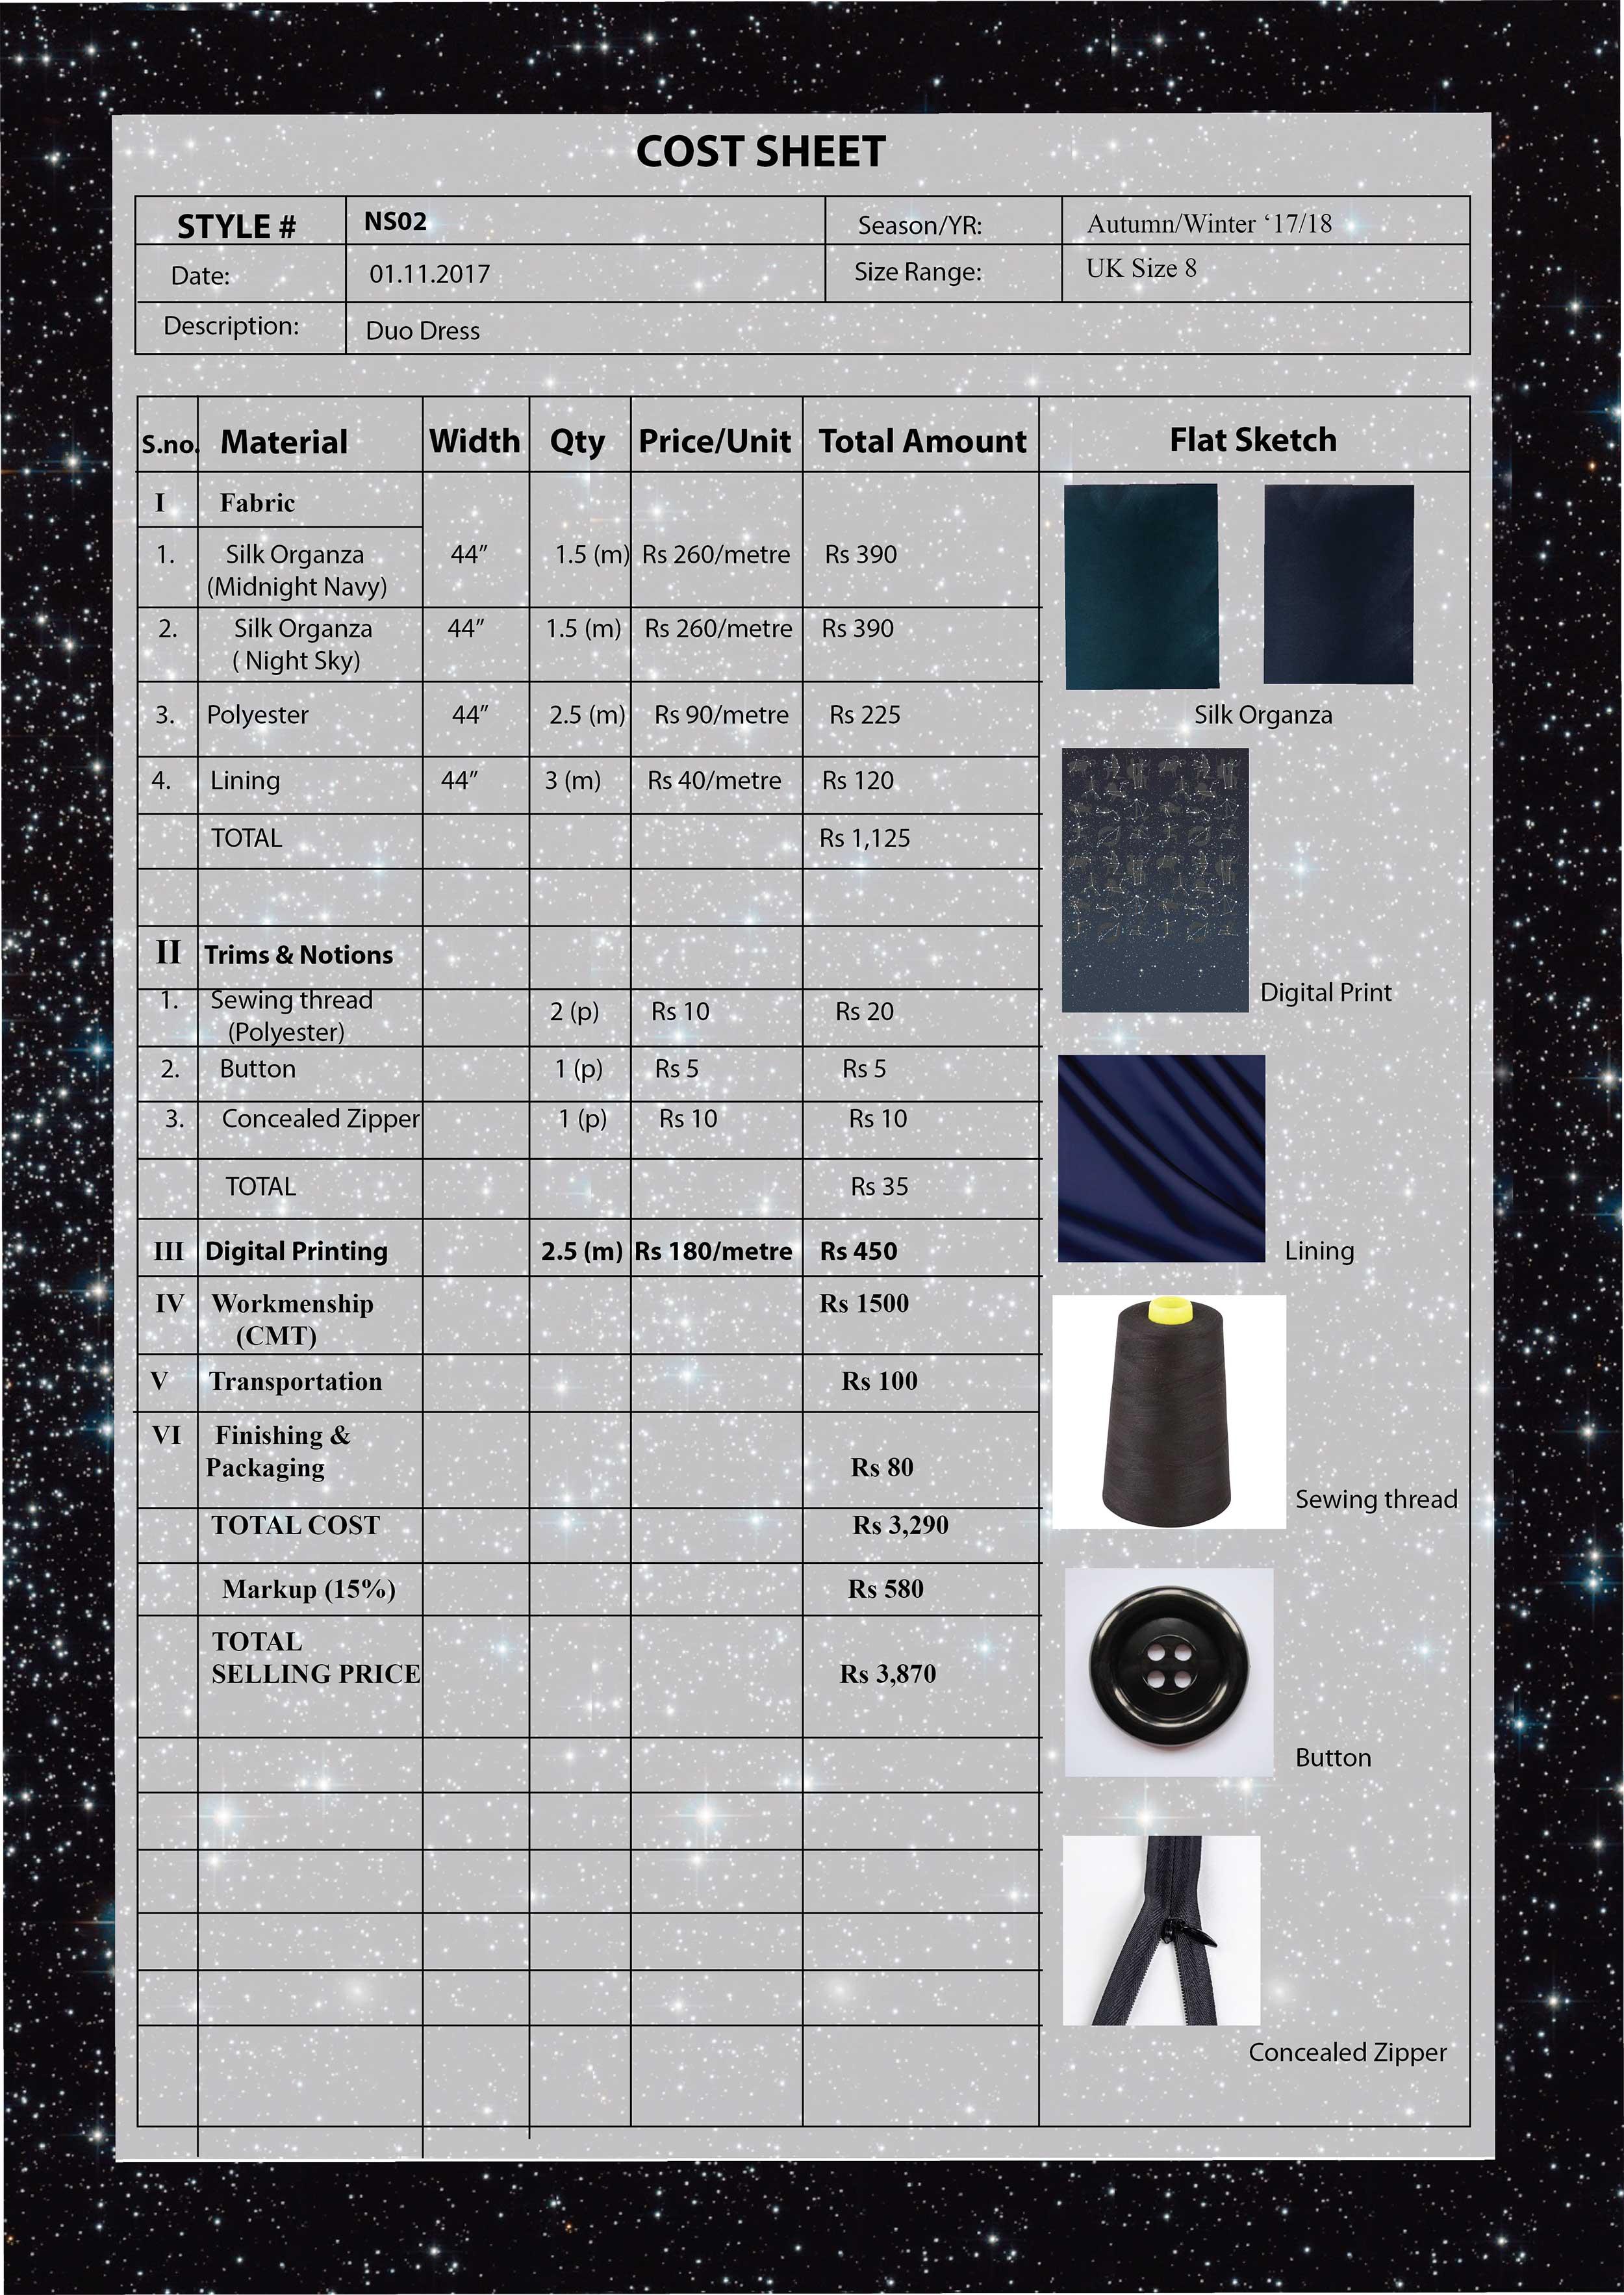 Cost Sheet-Duo Dress